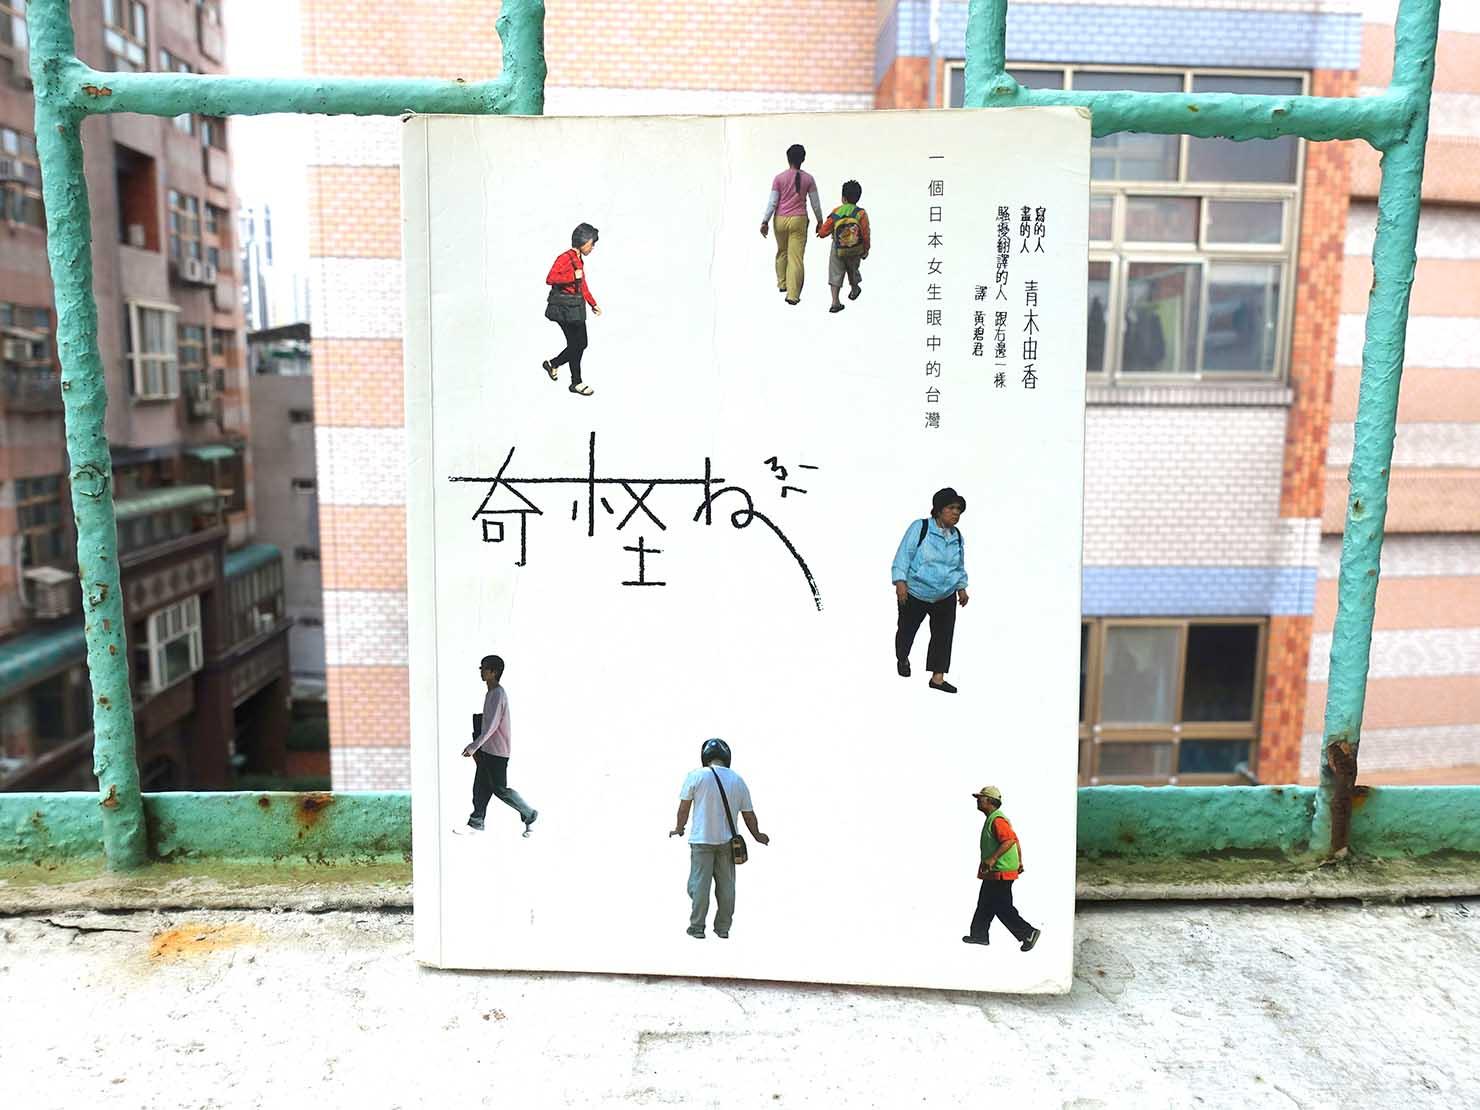 台湾現地生活がよく分かるおすすめの本『奇怪ねー台湾 不思議の国のゆるライフ』